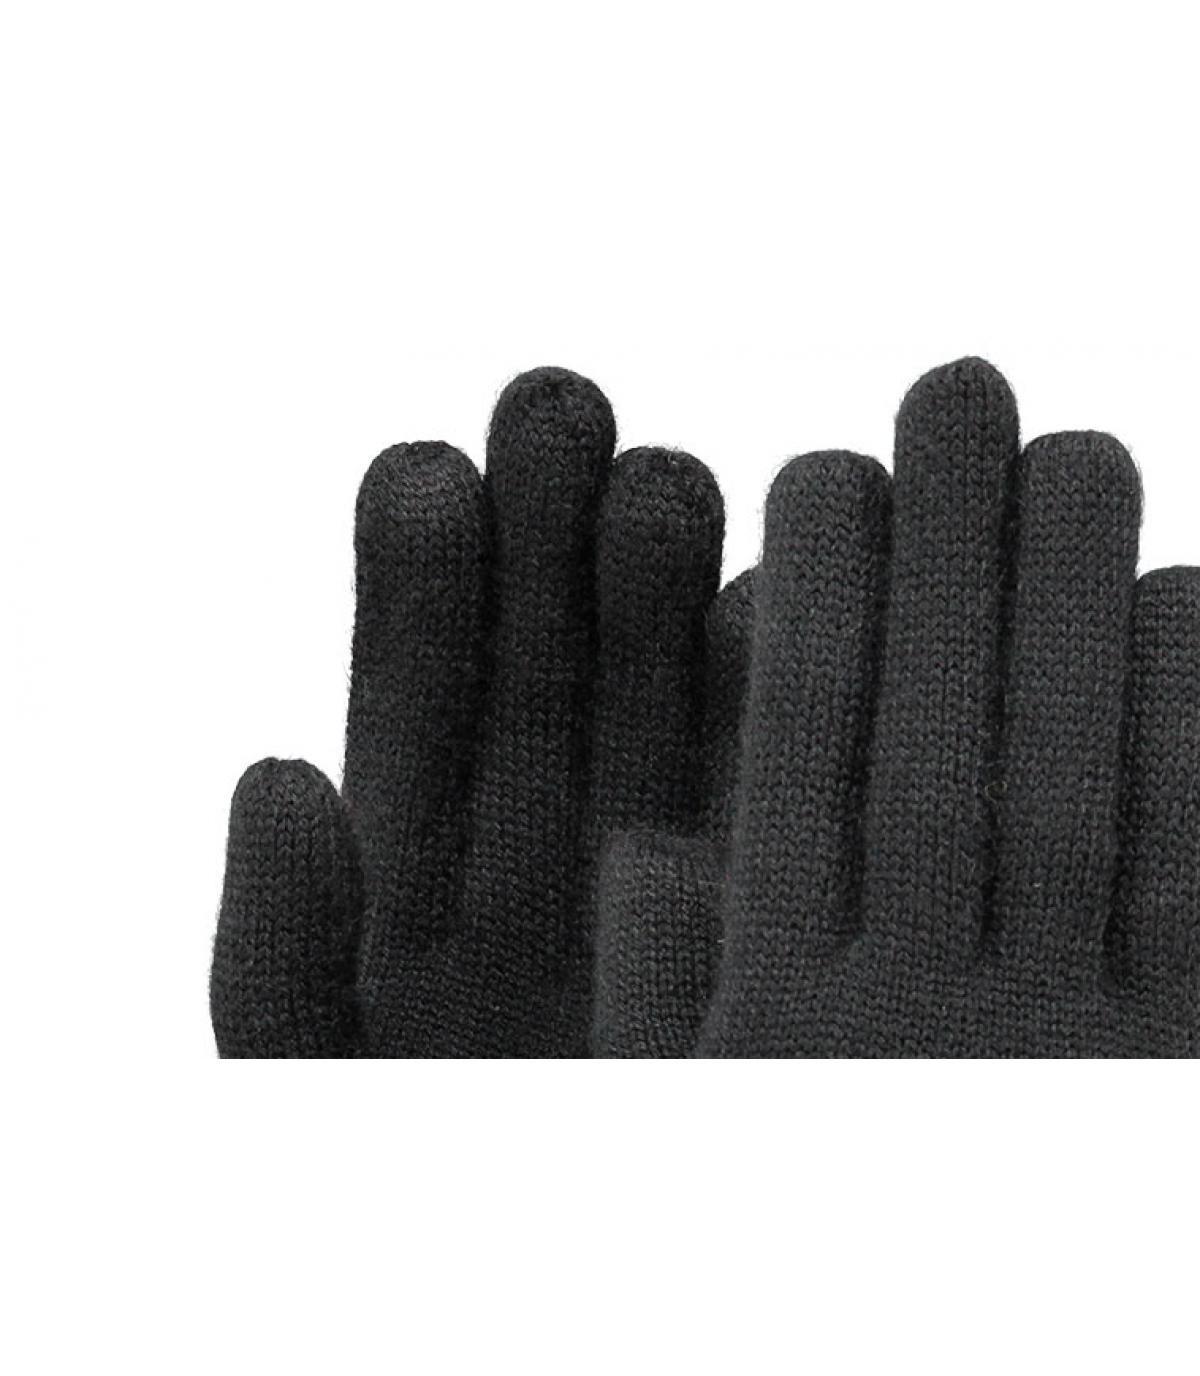 Details Fijn gebreide handschoenen zwart - afbeeling 2